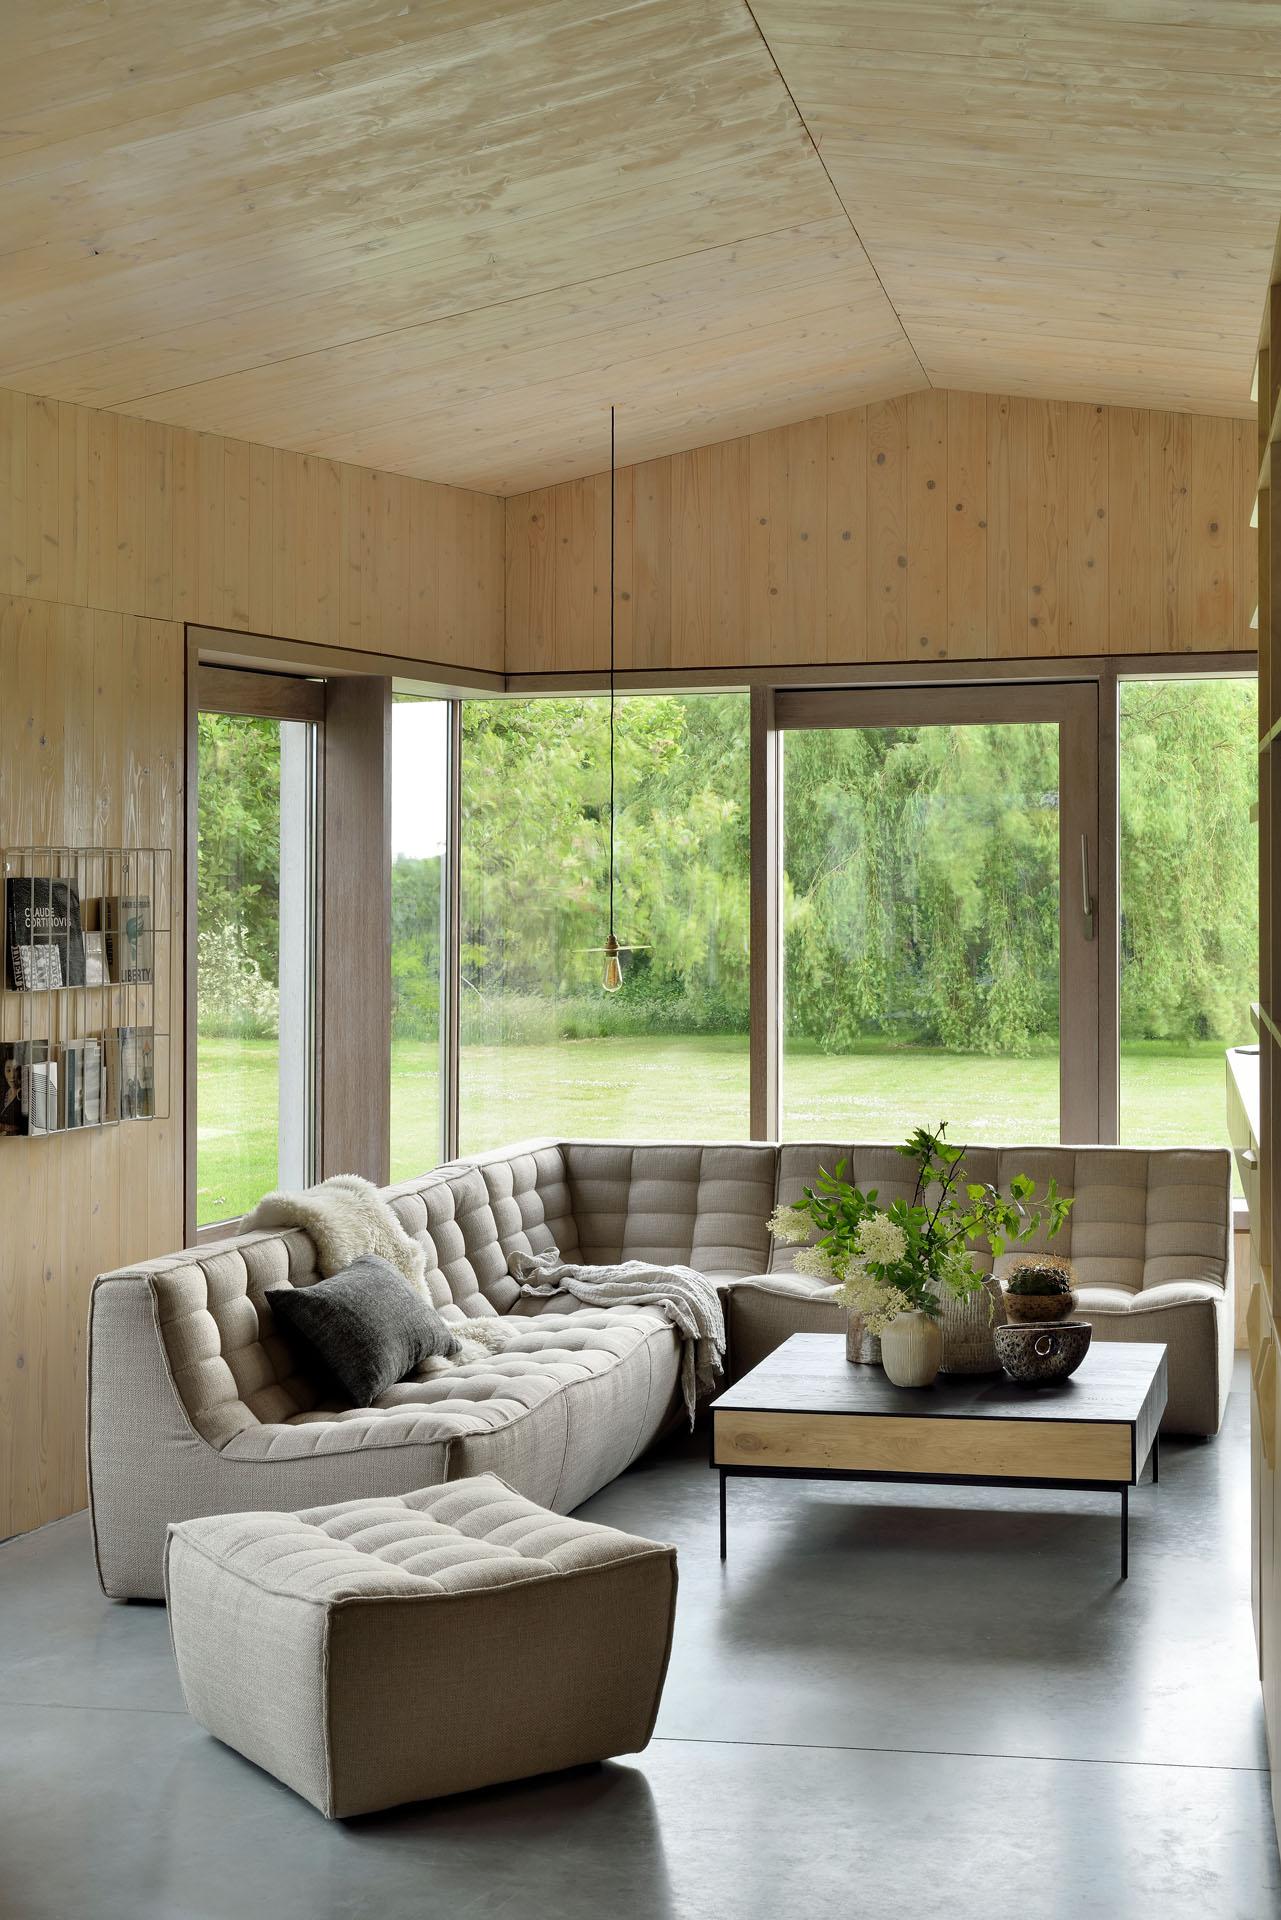 N701-sofa-3-seater-corner-2-seater-footstool-beige-51477-Oak-Blackbird-coffee-table.jpg